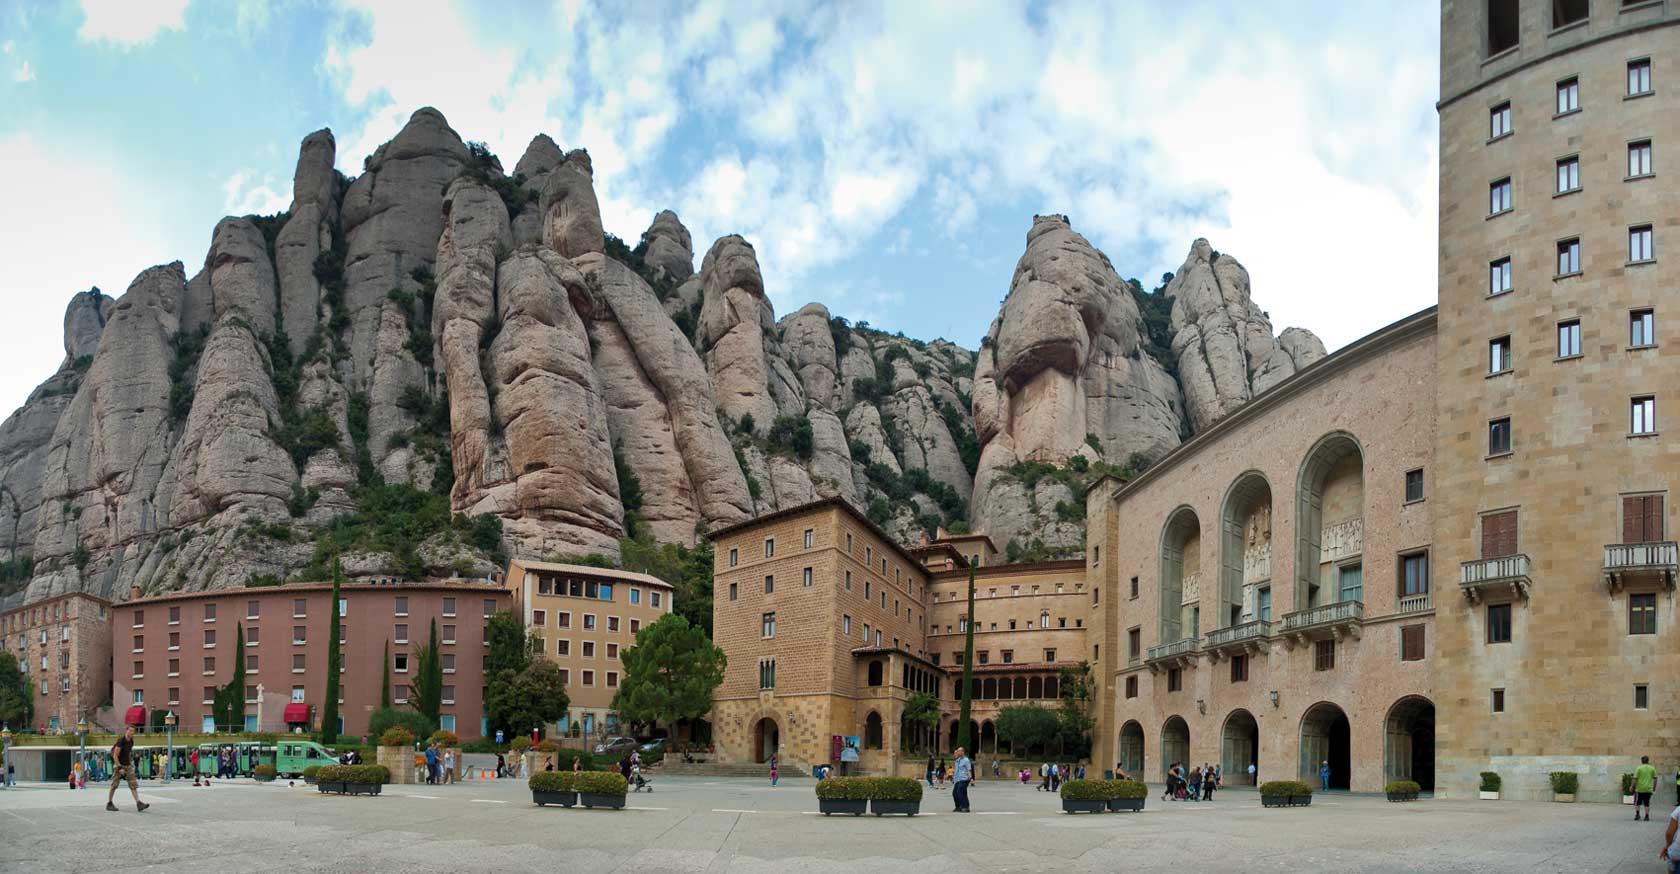 Nuestra Señora de Montserrat, la Virgen Negra catalana, España (27 abr)